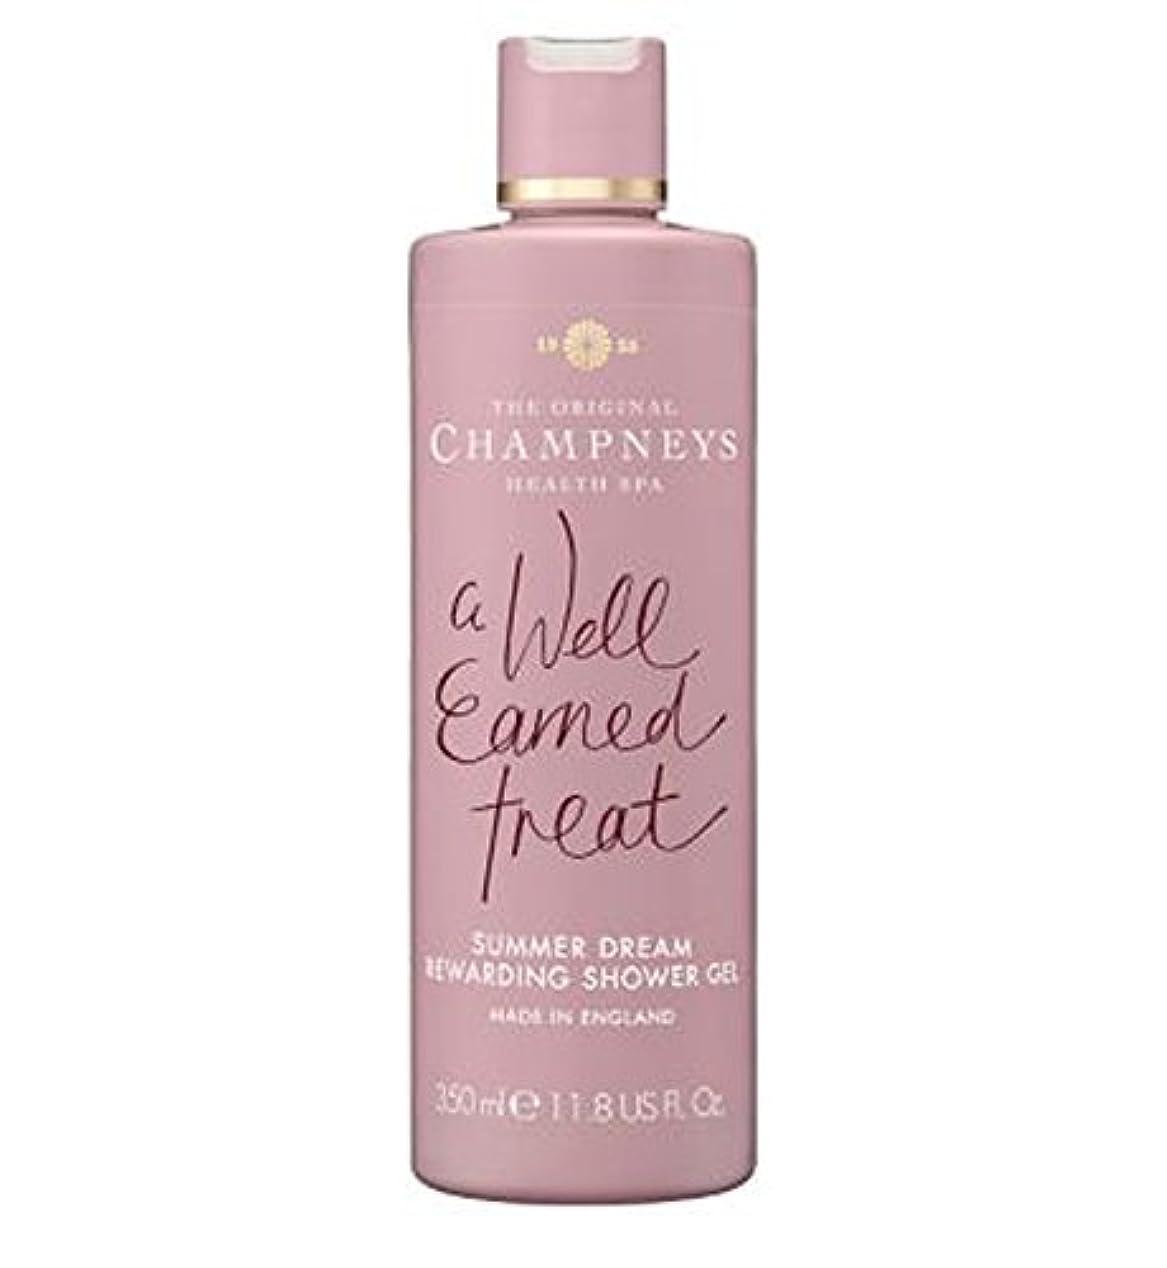 知らせる勃起そのチャンプニーズの夏の夢やりがいのシャワージェル350ミリリットル (Champneys) (x2) - Champneys Summer Dream Rewarding Shower Gel 350ml (Pack of...